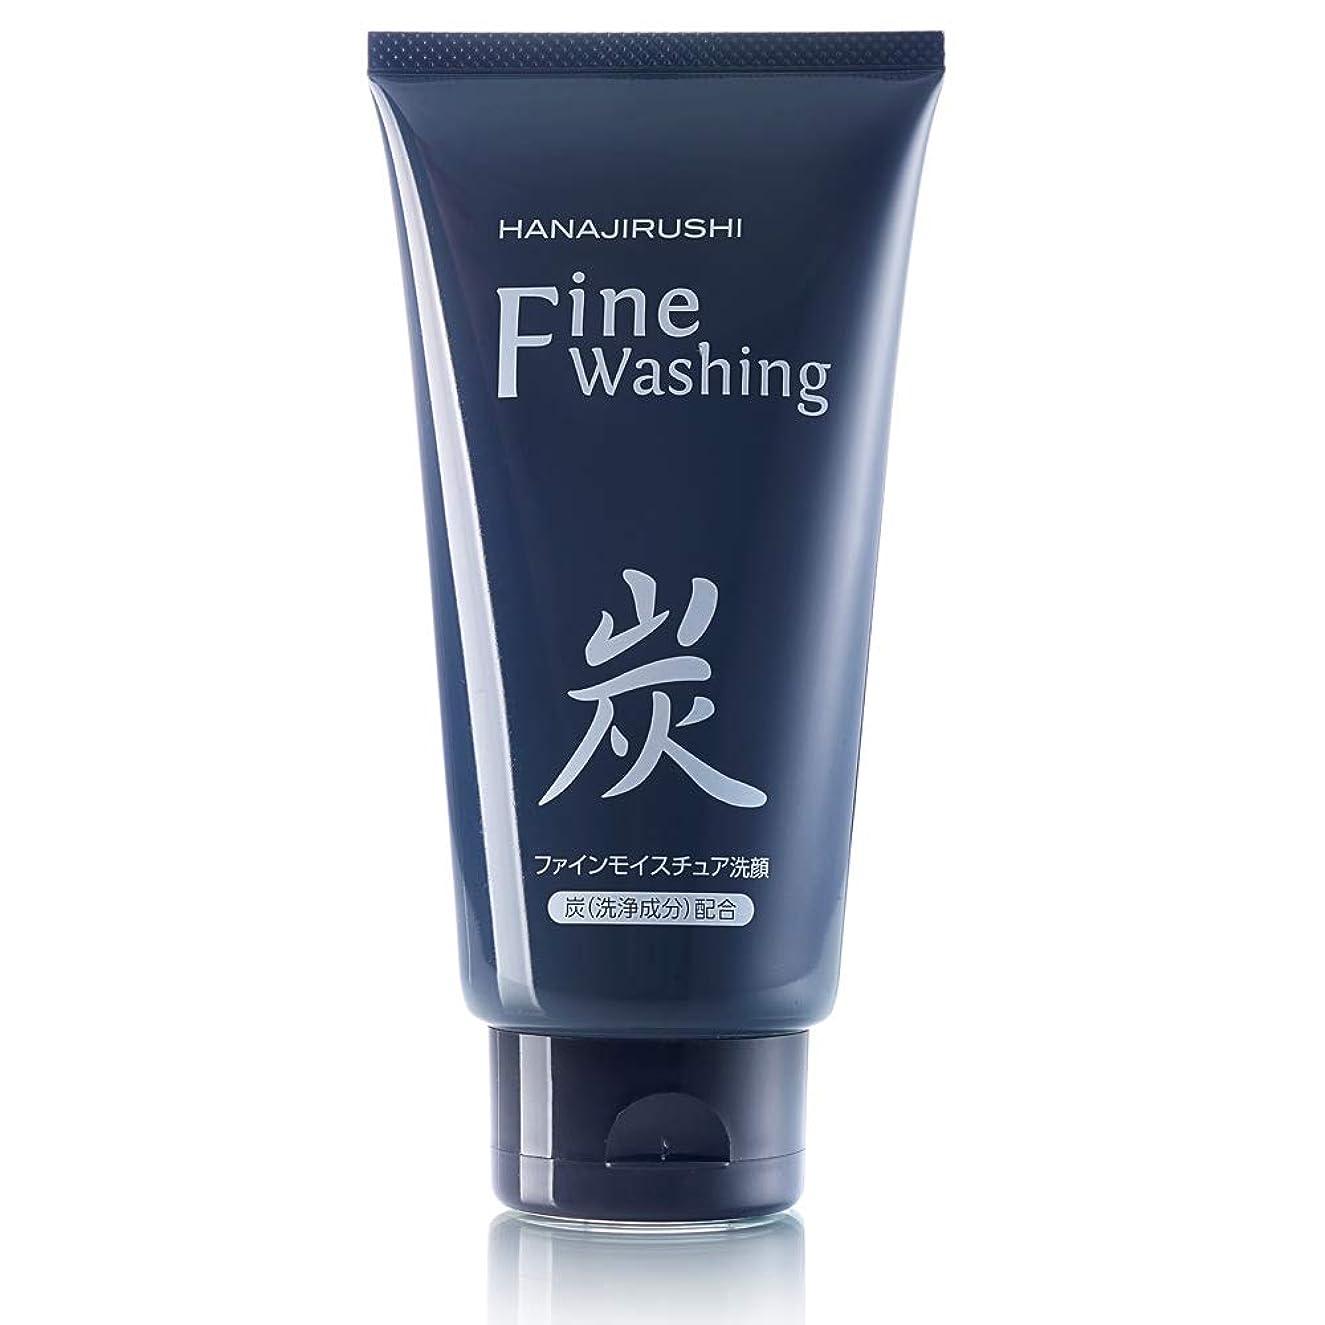 悲劇的な注目すべき疎外花印備長炭洗顔フォーム120g「皮脂汚れ対策」オイルコントロール 男女兼用